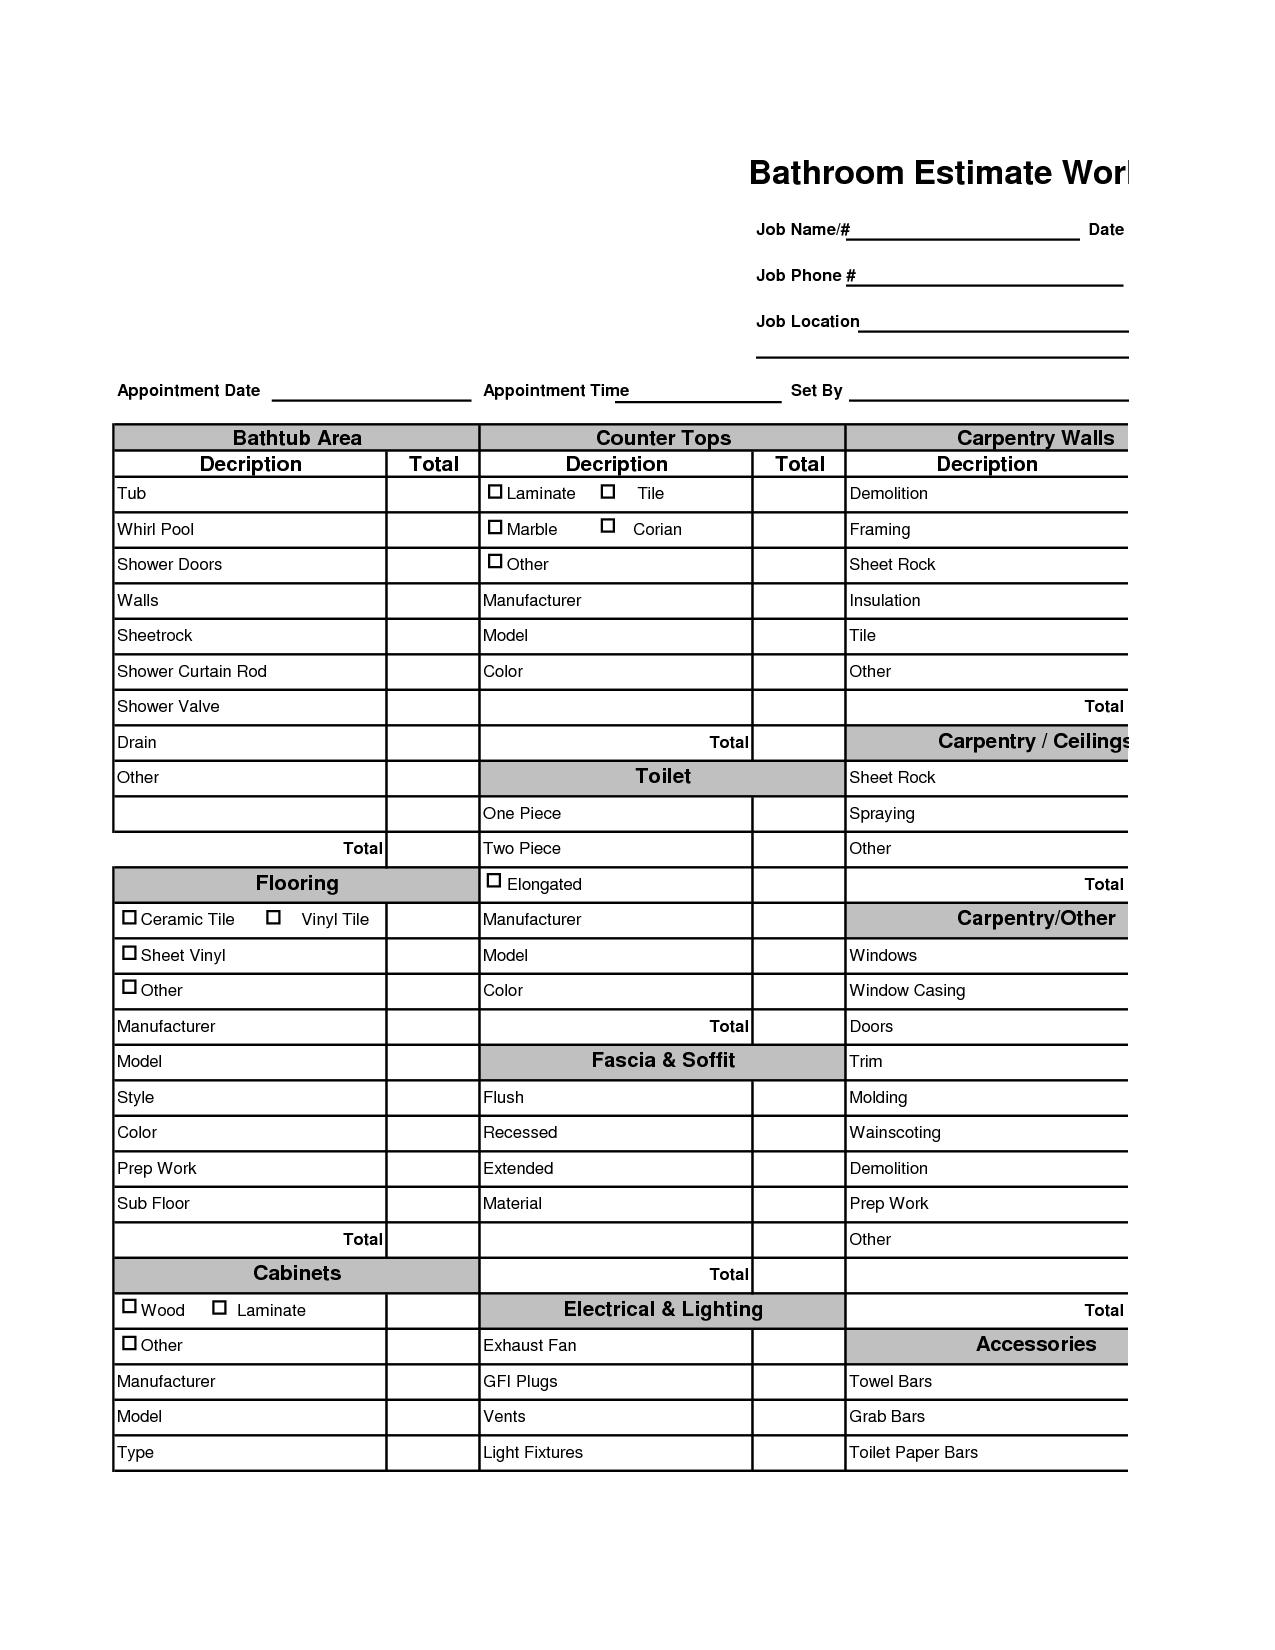 kitchen remodeling costs home remodeling cost estimator bathroom remodel estimate bathroom estimate worksheet 81 kb